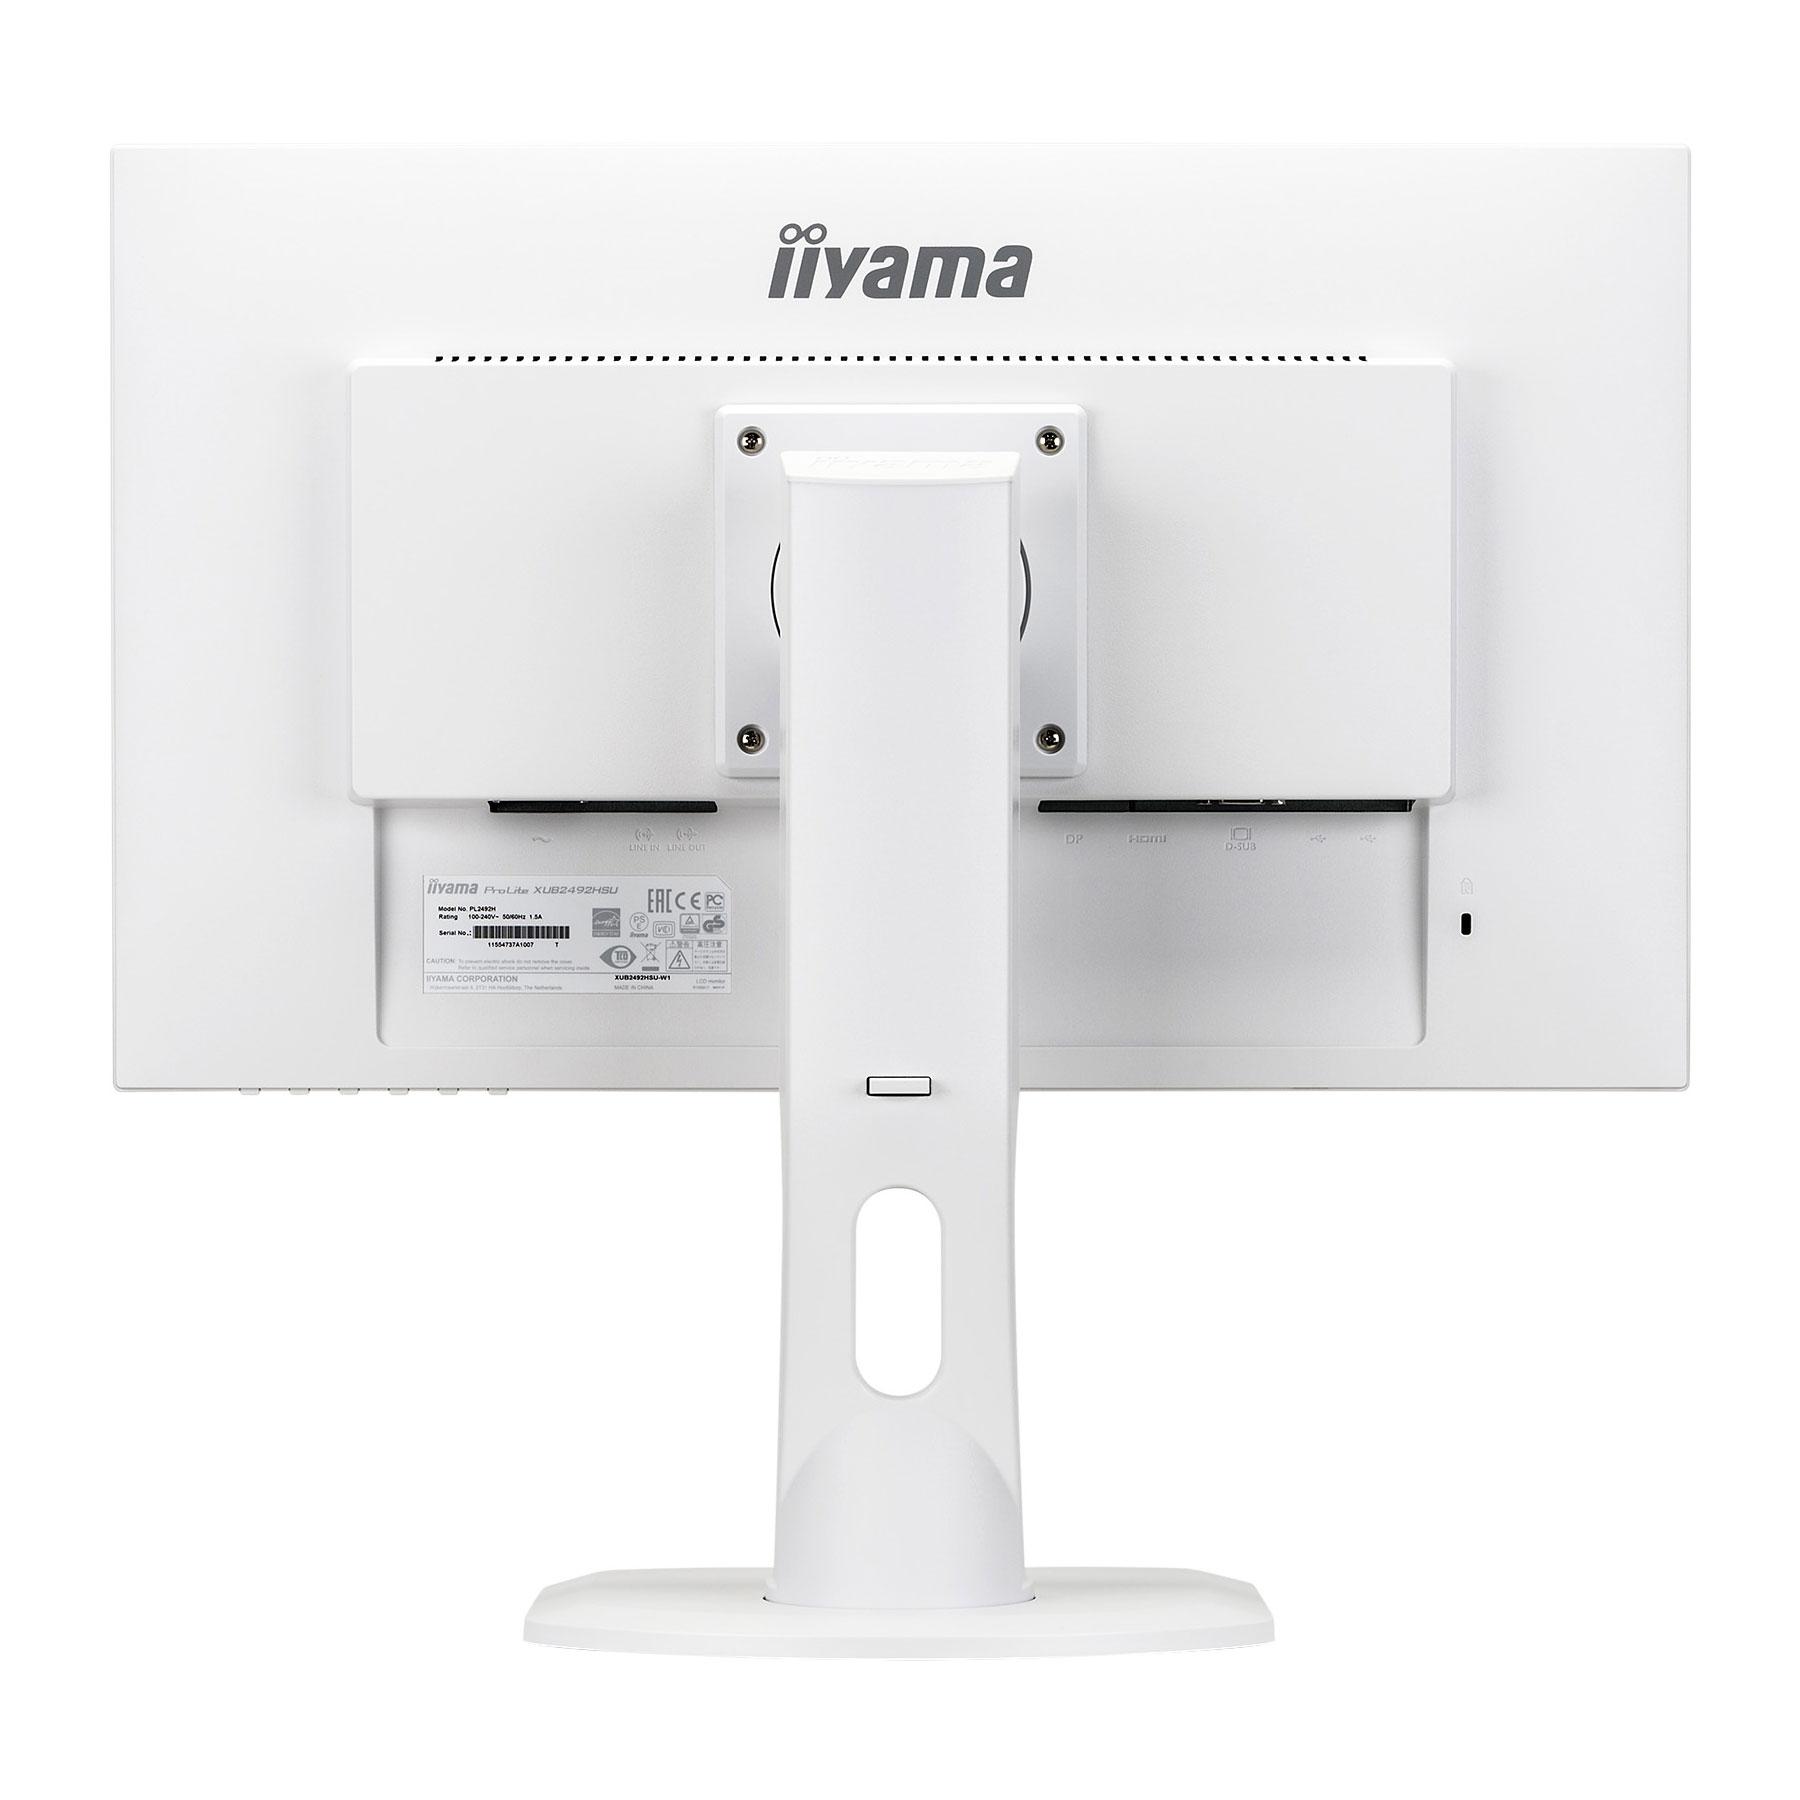 """Iiyama 24""""  XUB2492HSU-W1 - Ecran PC Iiyama - Cybertek.fr - 4"""